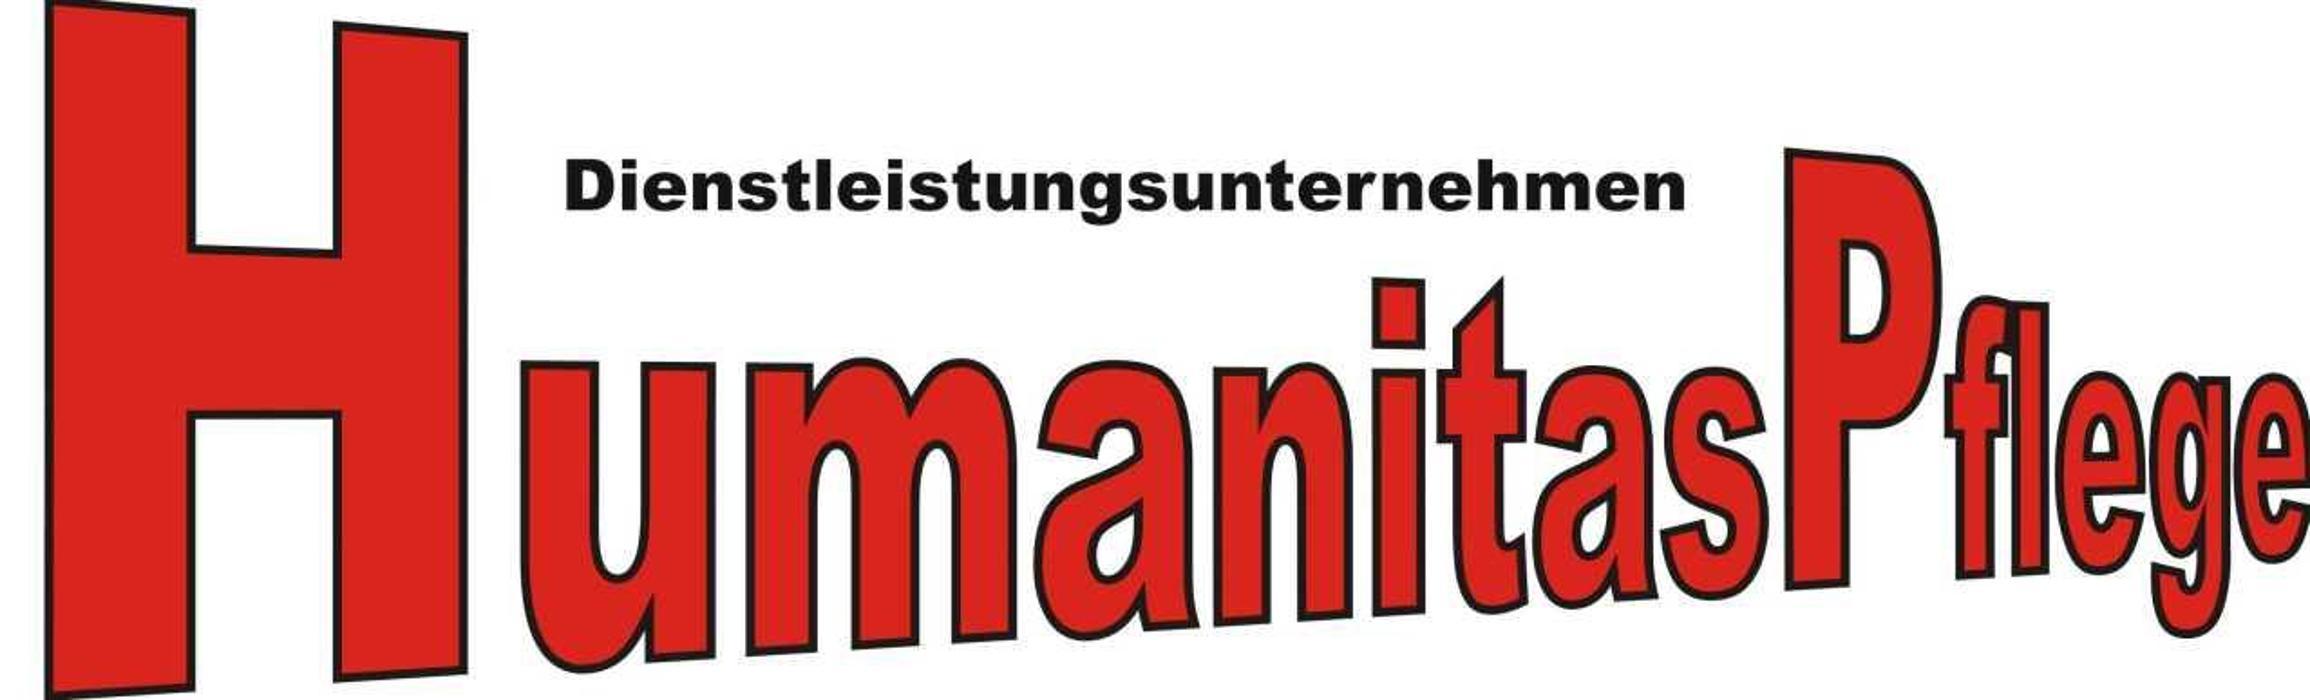 Bild zu HumanitasPflege in Marl